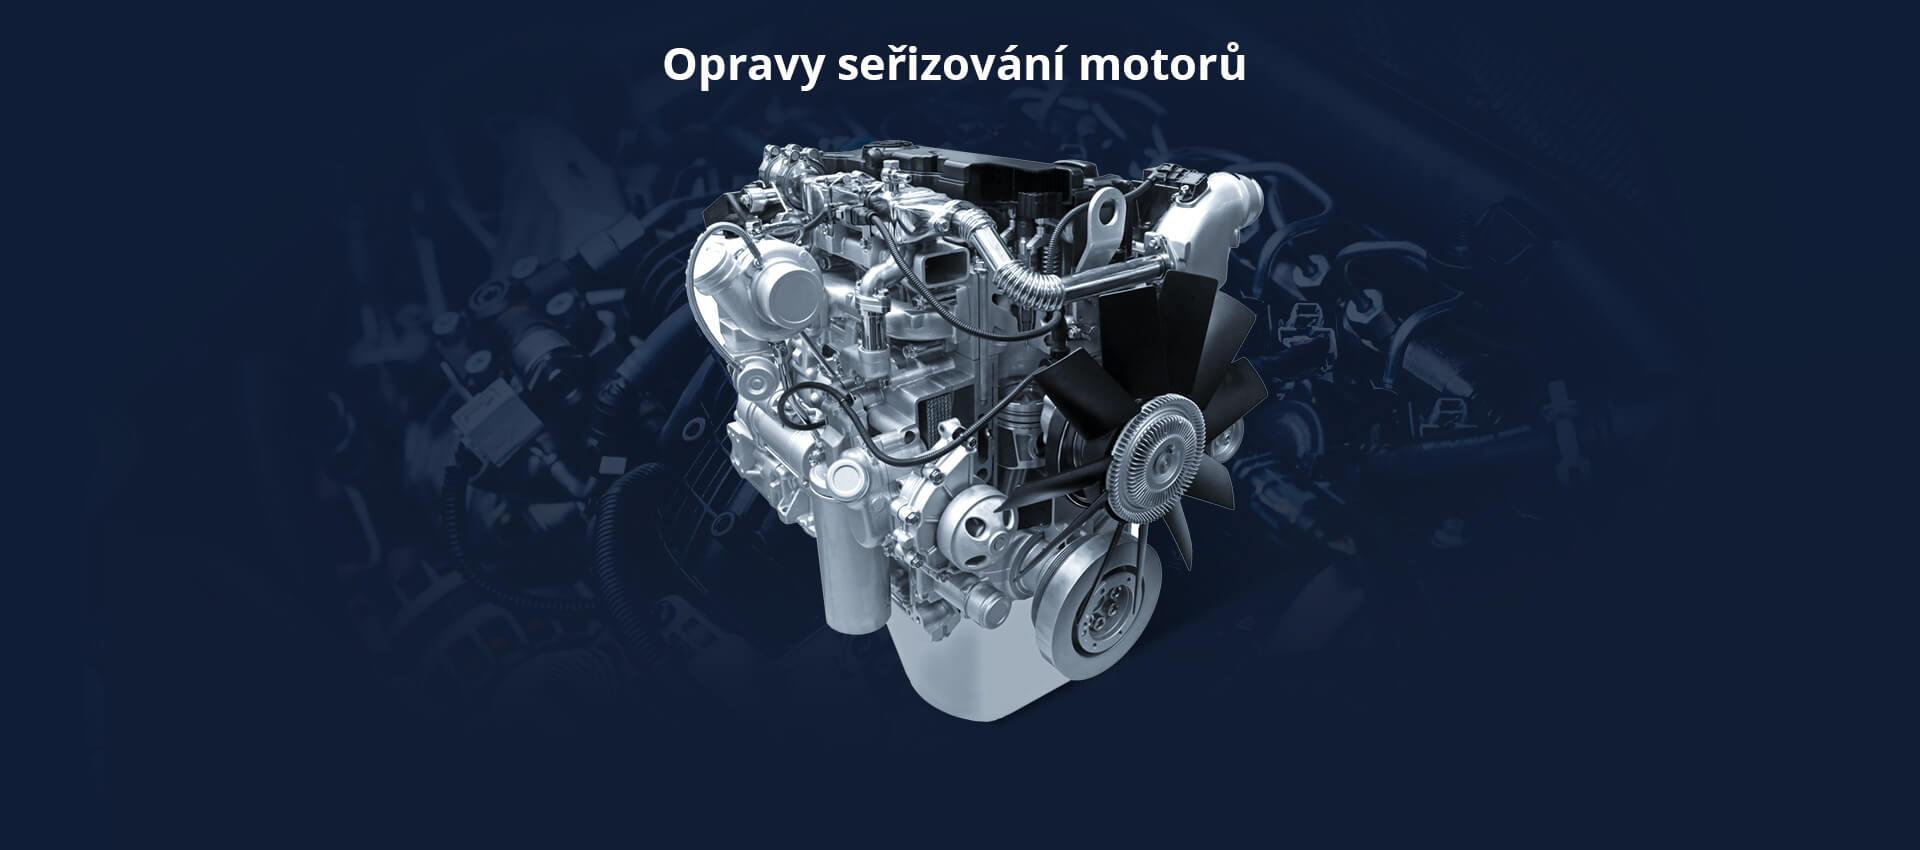 Opravy a seřizování motorů Autodiesel Laszák